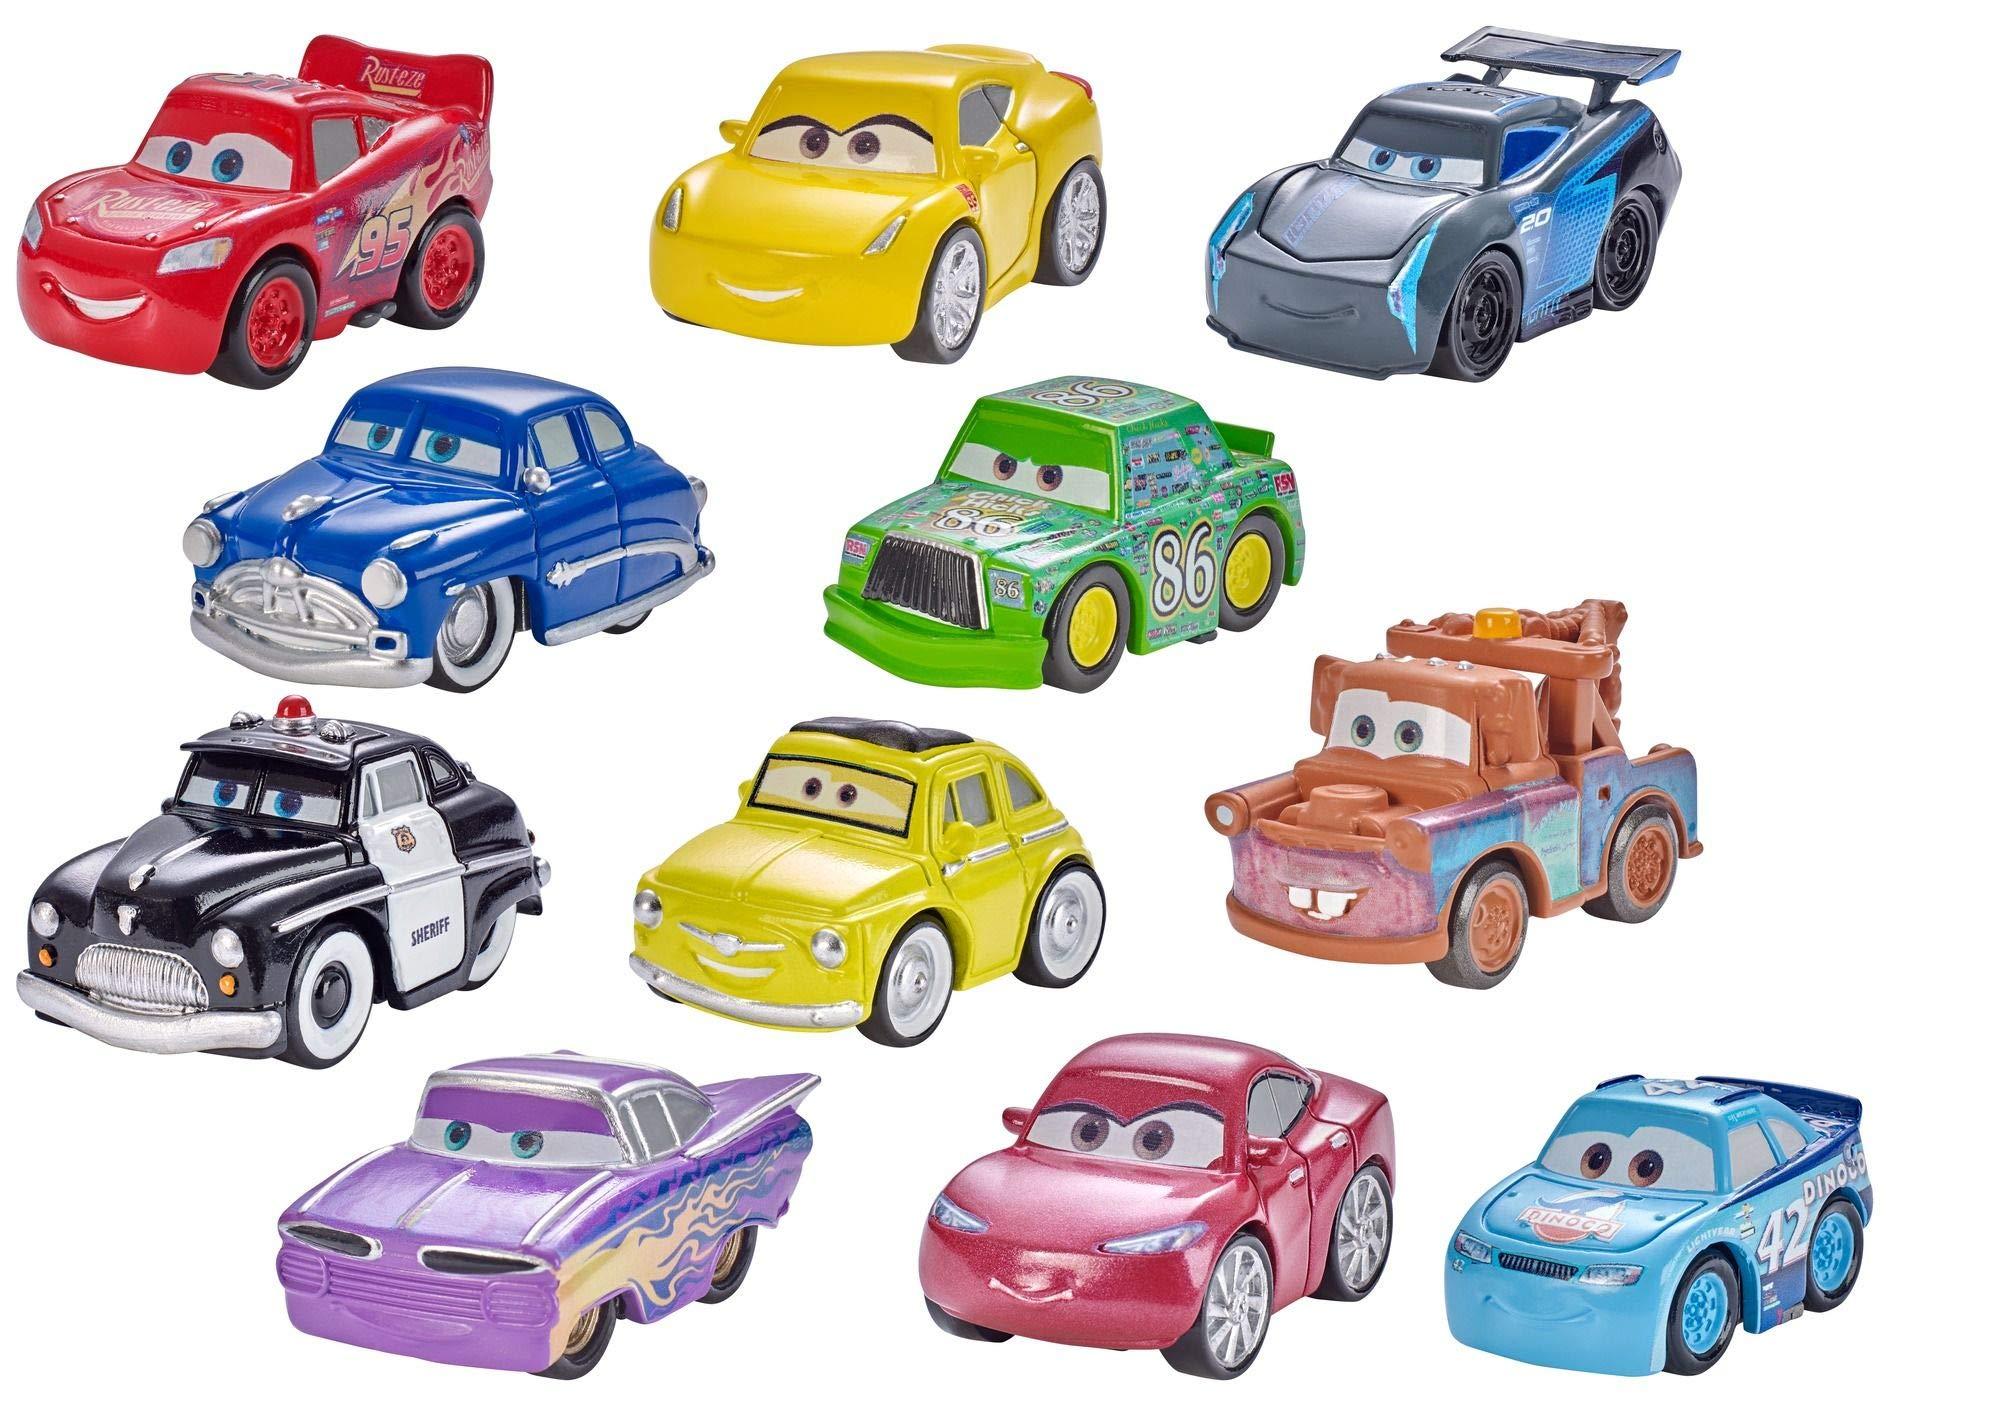 Mattel Disney Pixar Cars, 1 vehículo Mini Racers metal, 1 póster, surtido: modelos aleatorios: Amazon.es: Juguetes y juegos